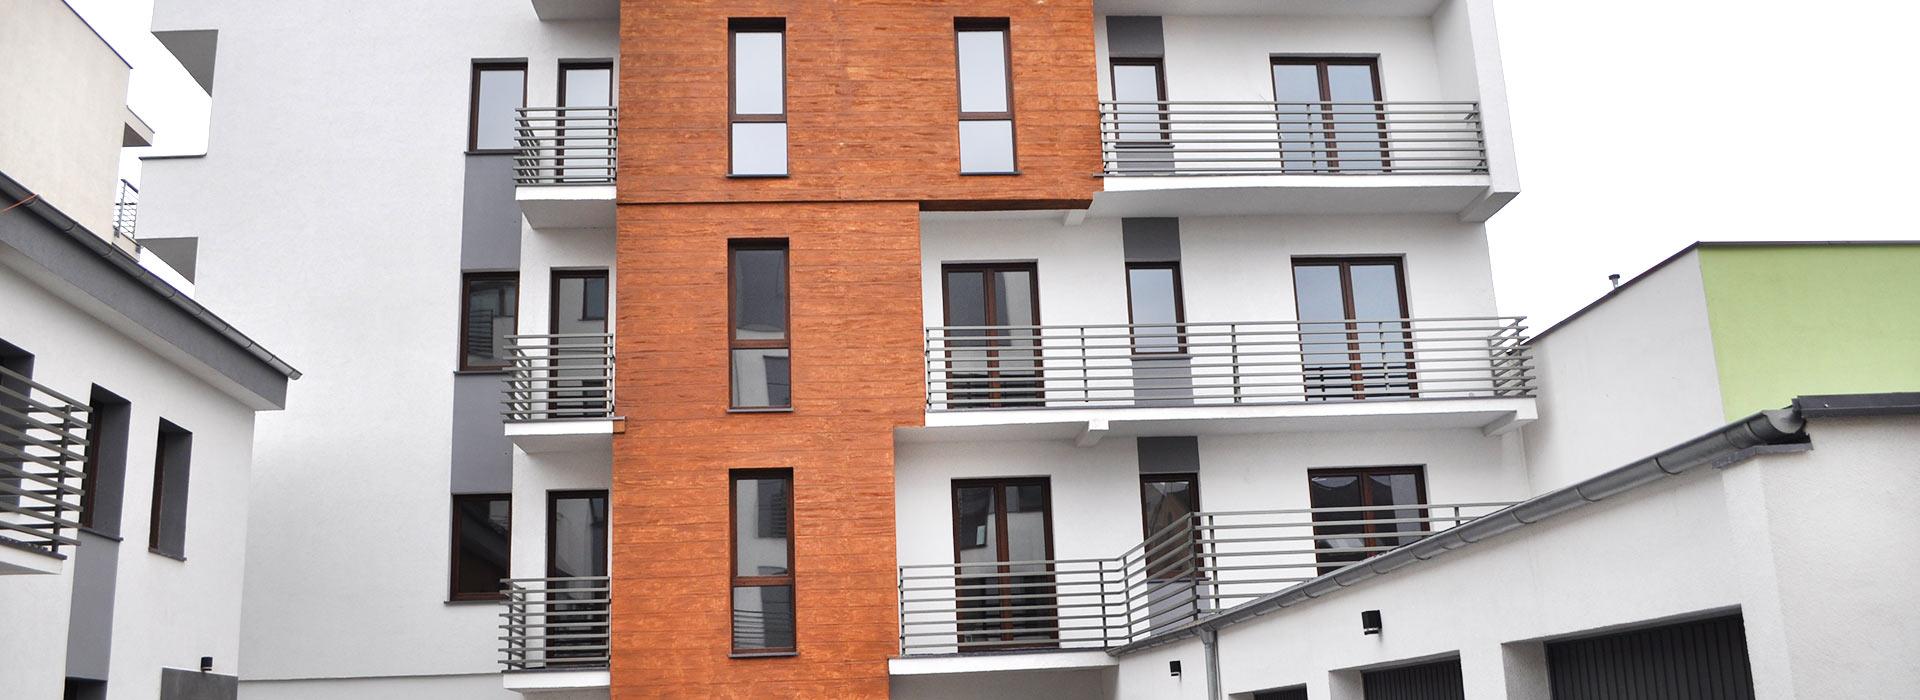 Mieszkania w Bydgoszczy na sprzedaż